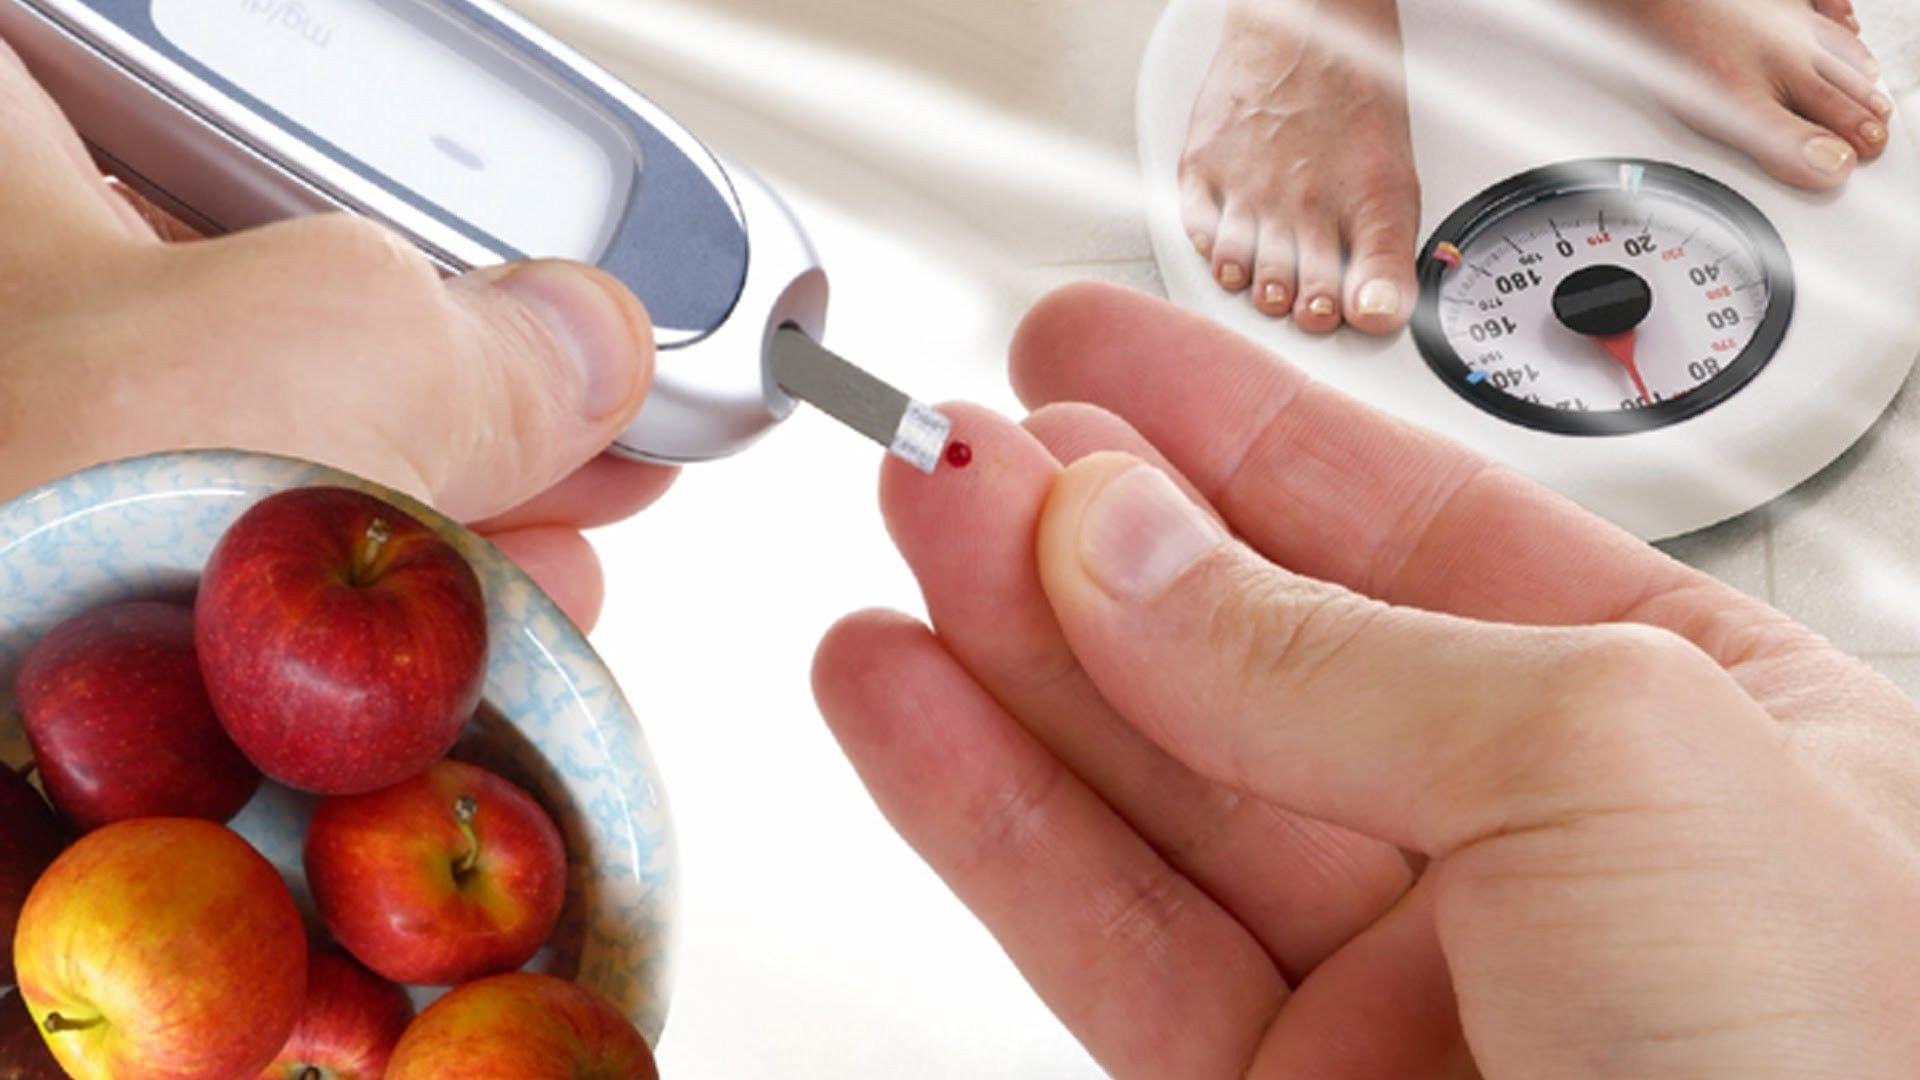 Тихий убийца: Половина больных диабетом не подозревает о своём недуге